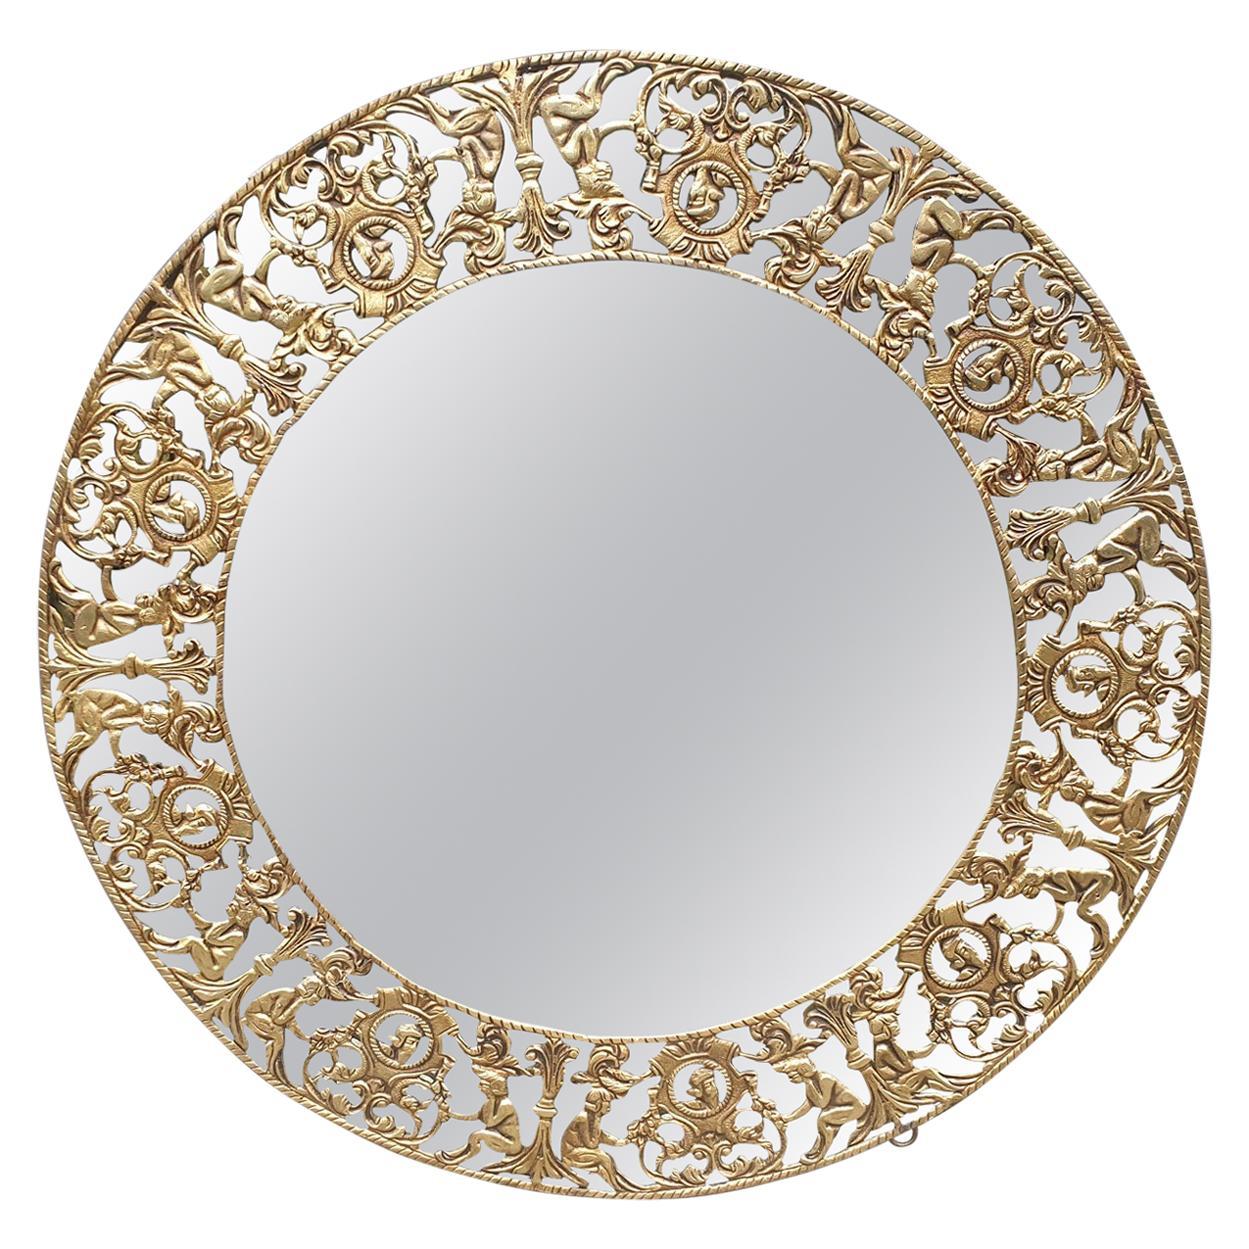 Gilt Metal Figural Sunburst Wall Mirror